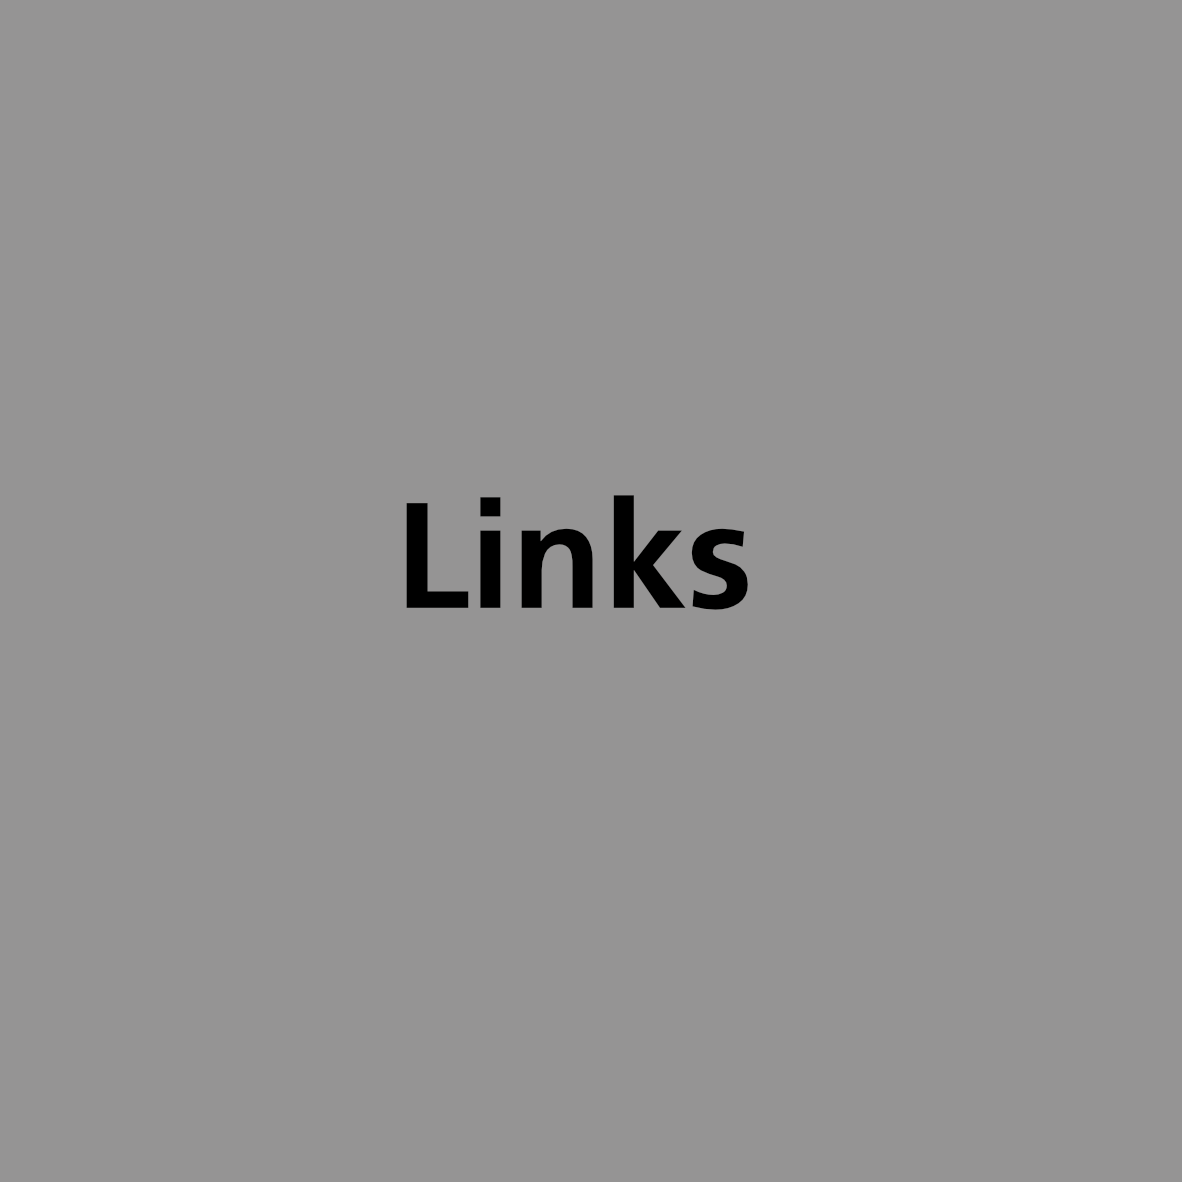 Bild: Kachel «Links»